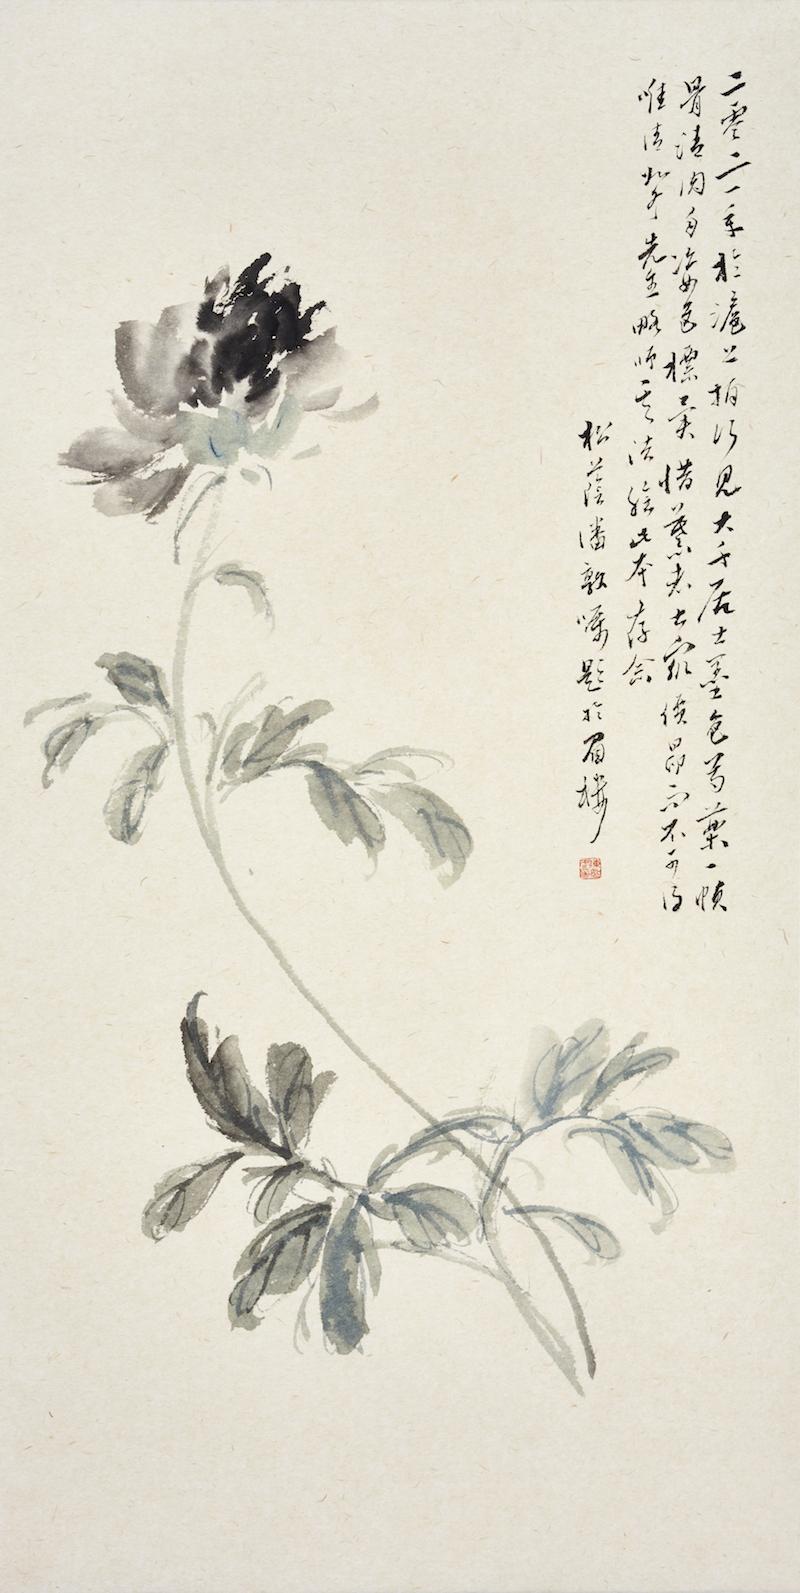 陈如冬,临大千居士墨药图,69x35cm,纸本设色,2021年